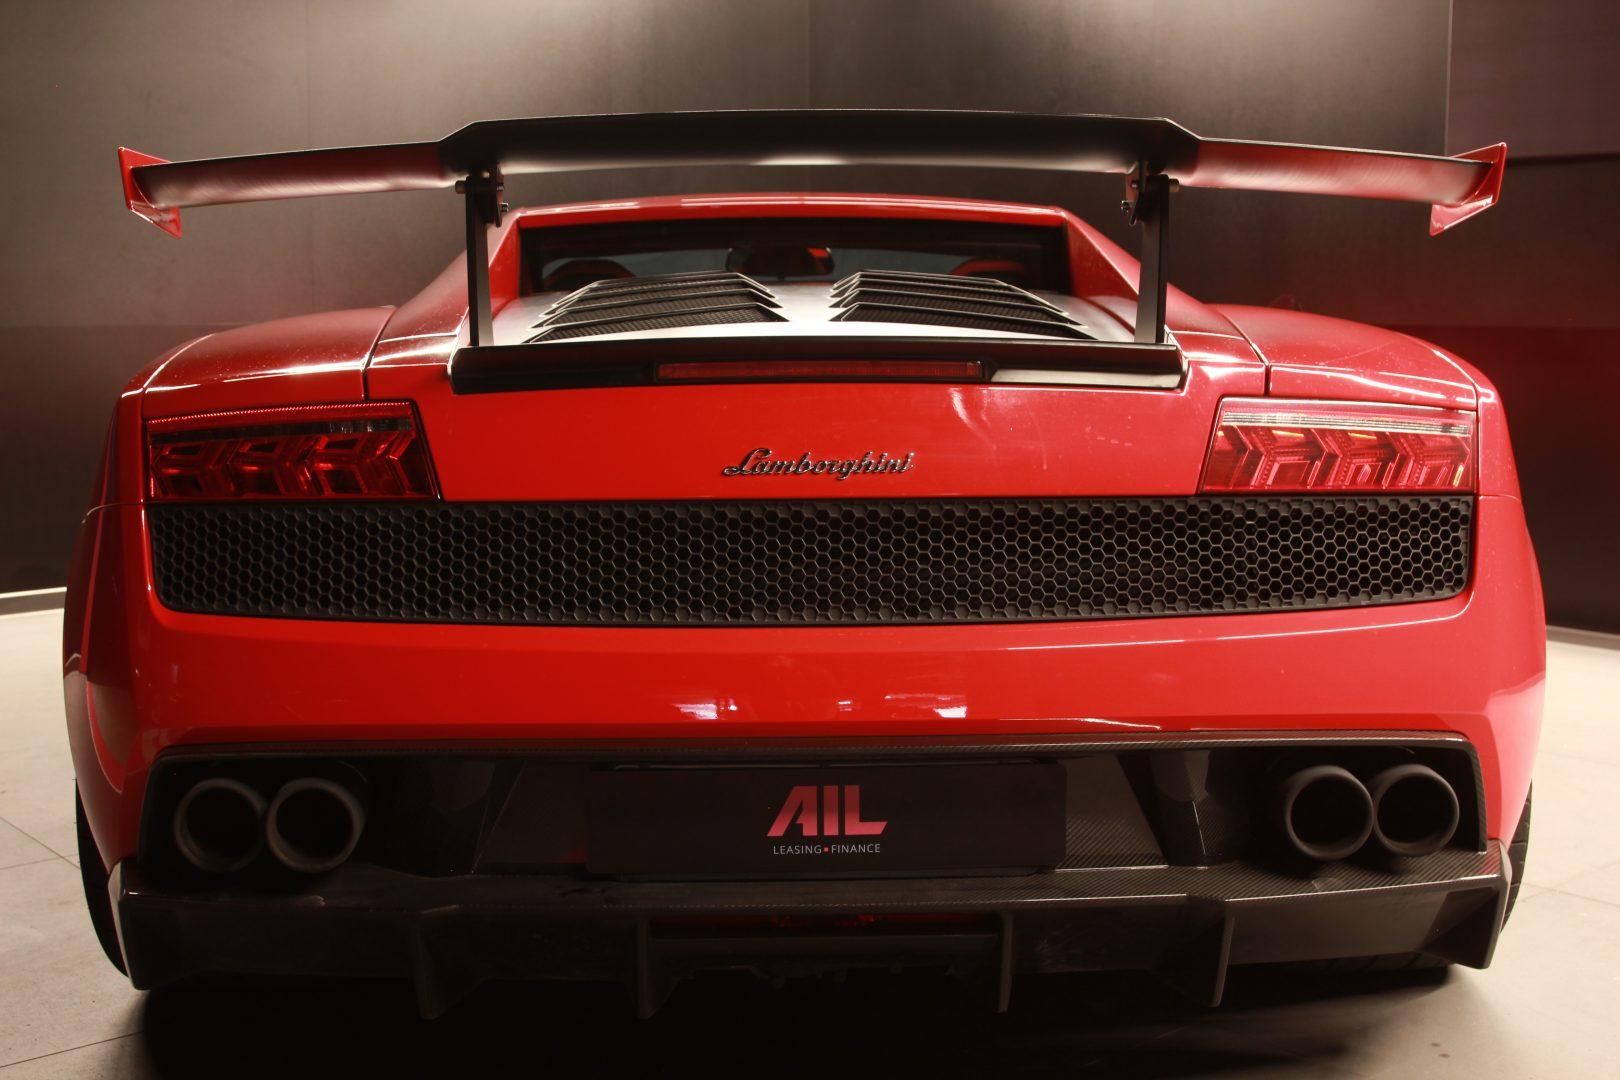 AIL Lamborghini Gallardo LP570-4 Super Trofeo 7